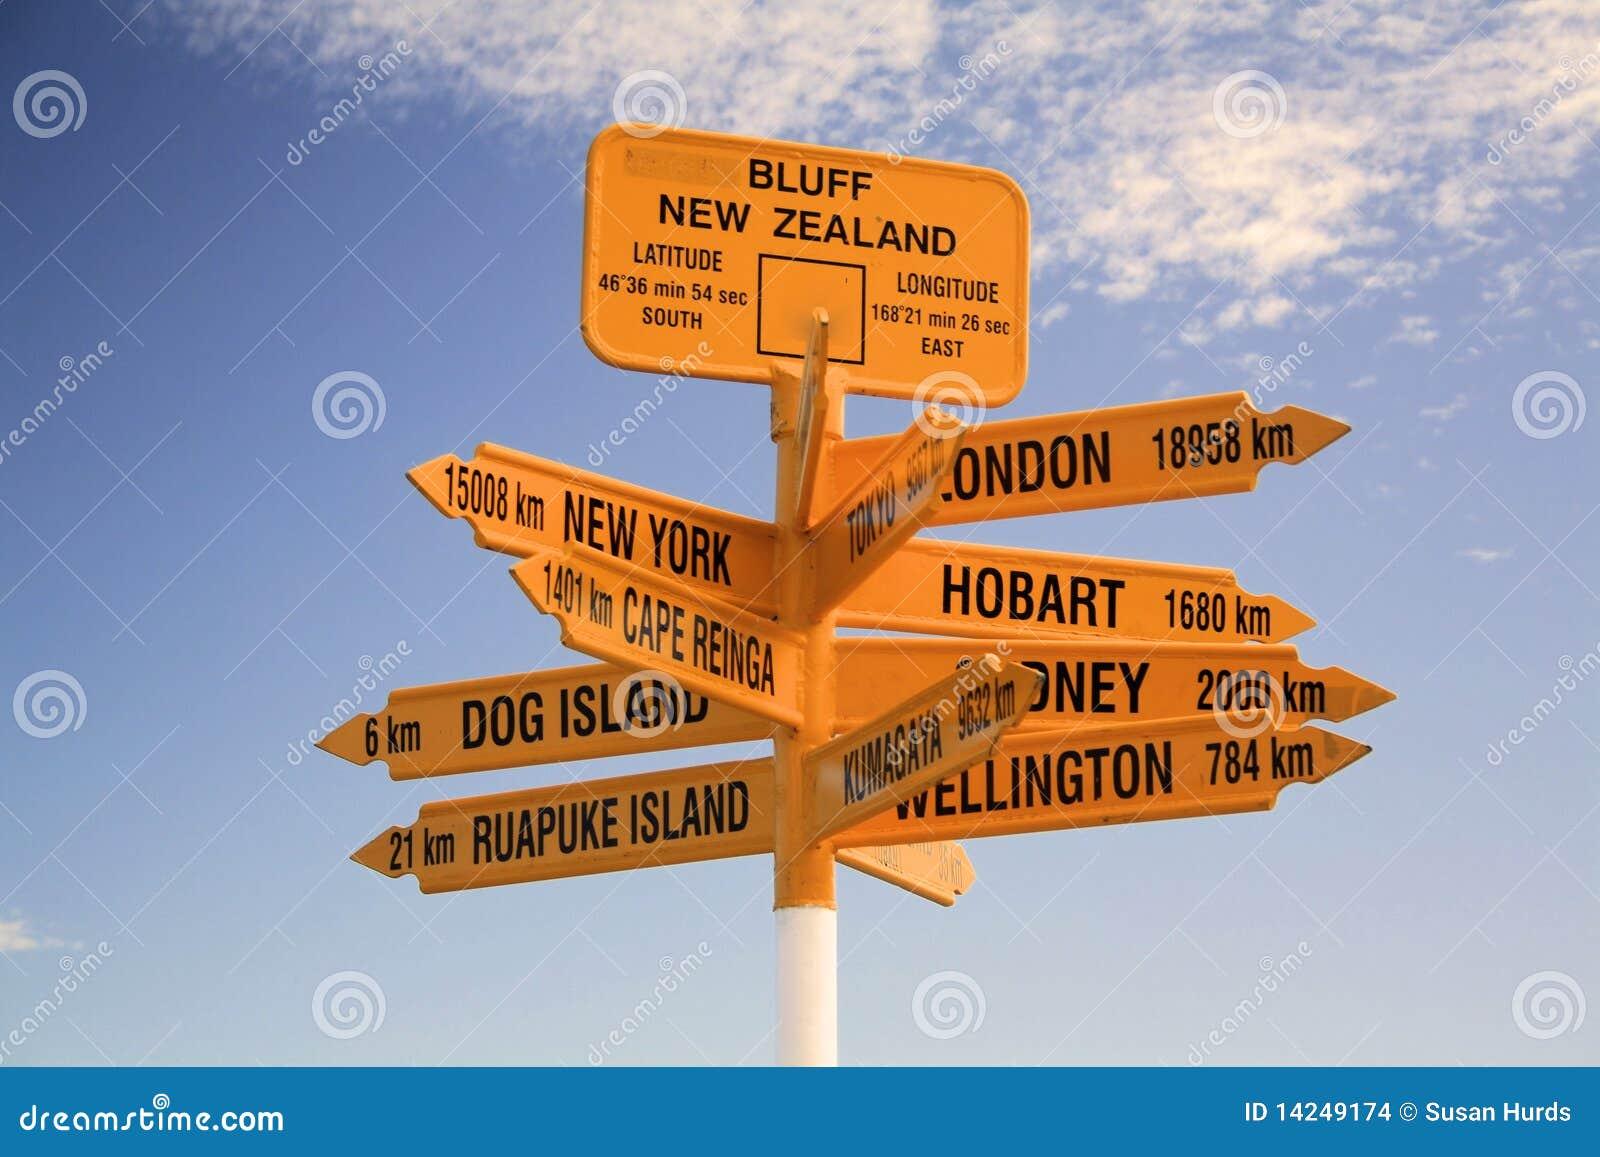 destination which signpost direction richting wegwijzers qui che wegweiser richtung zieleinheit som sens destino sentido sinalize destinazione senso segnaletica bestemming